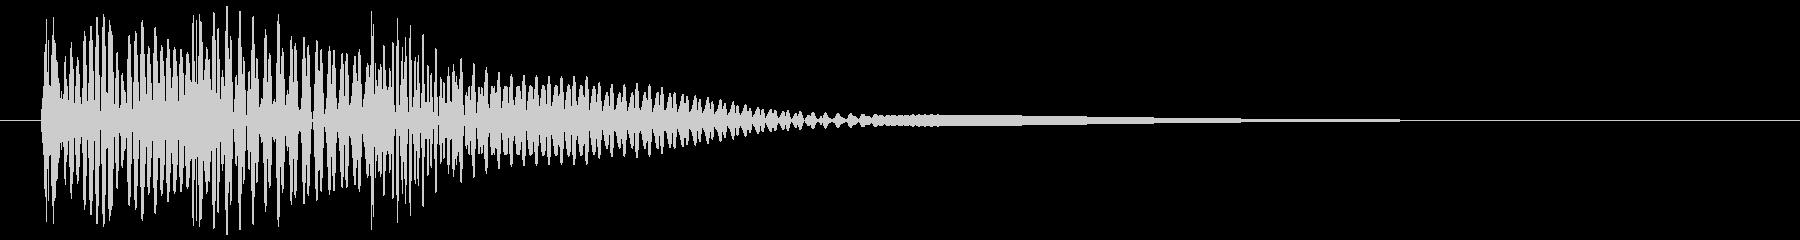 決定_タップ_クリック_200721の未再生の波形